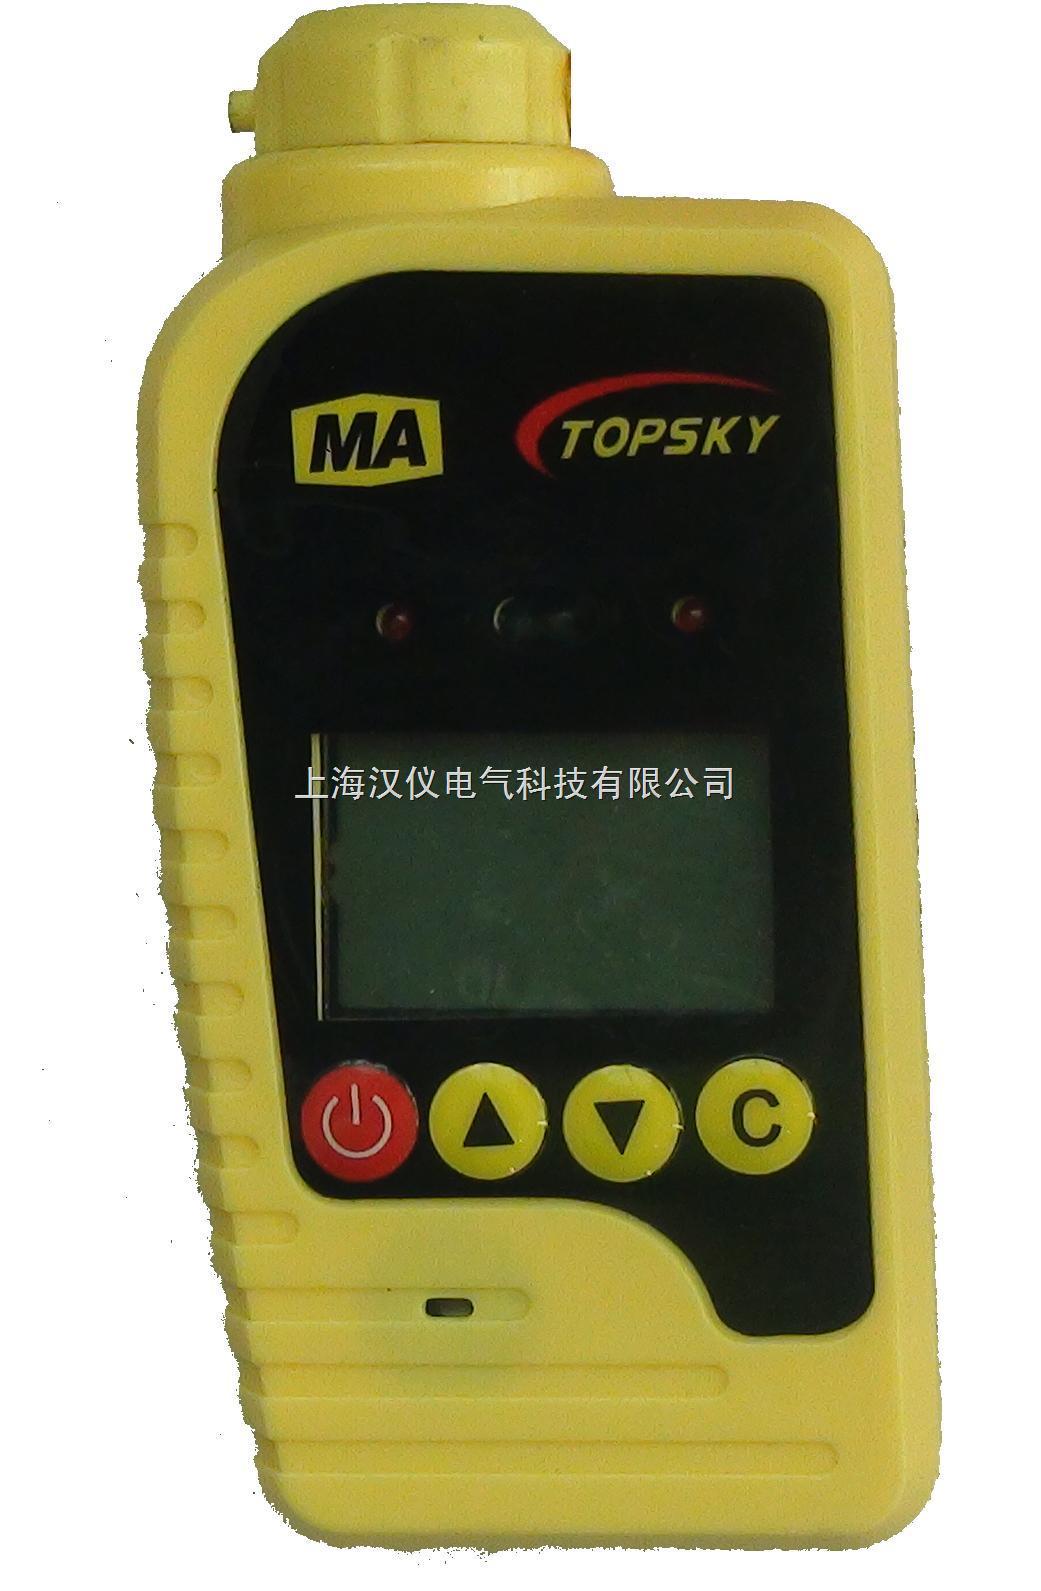 上海紅外二氧化碳報警儀/紅外二氧化碳報警儀價格